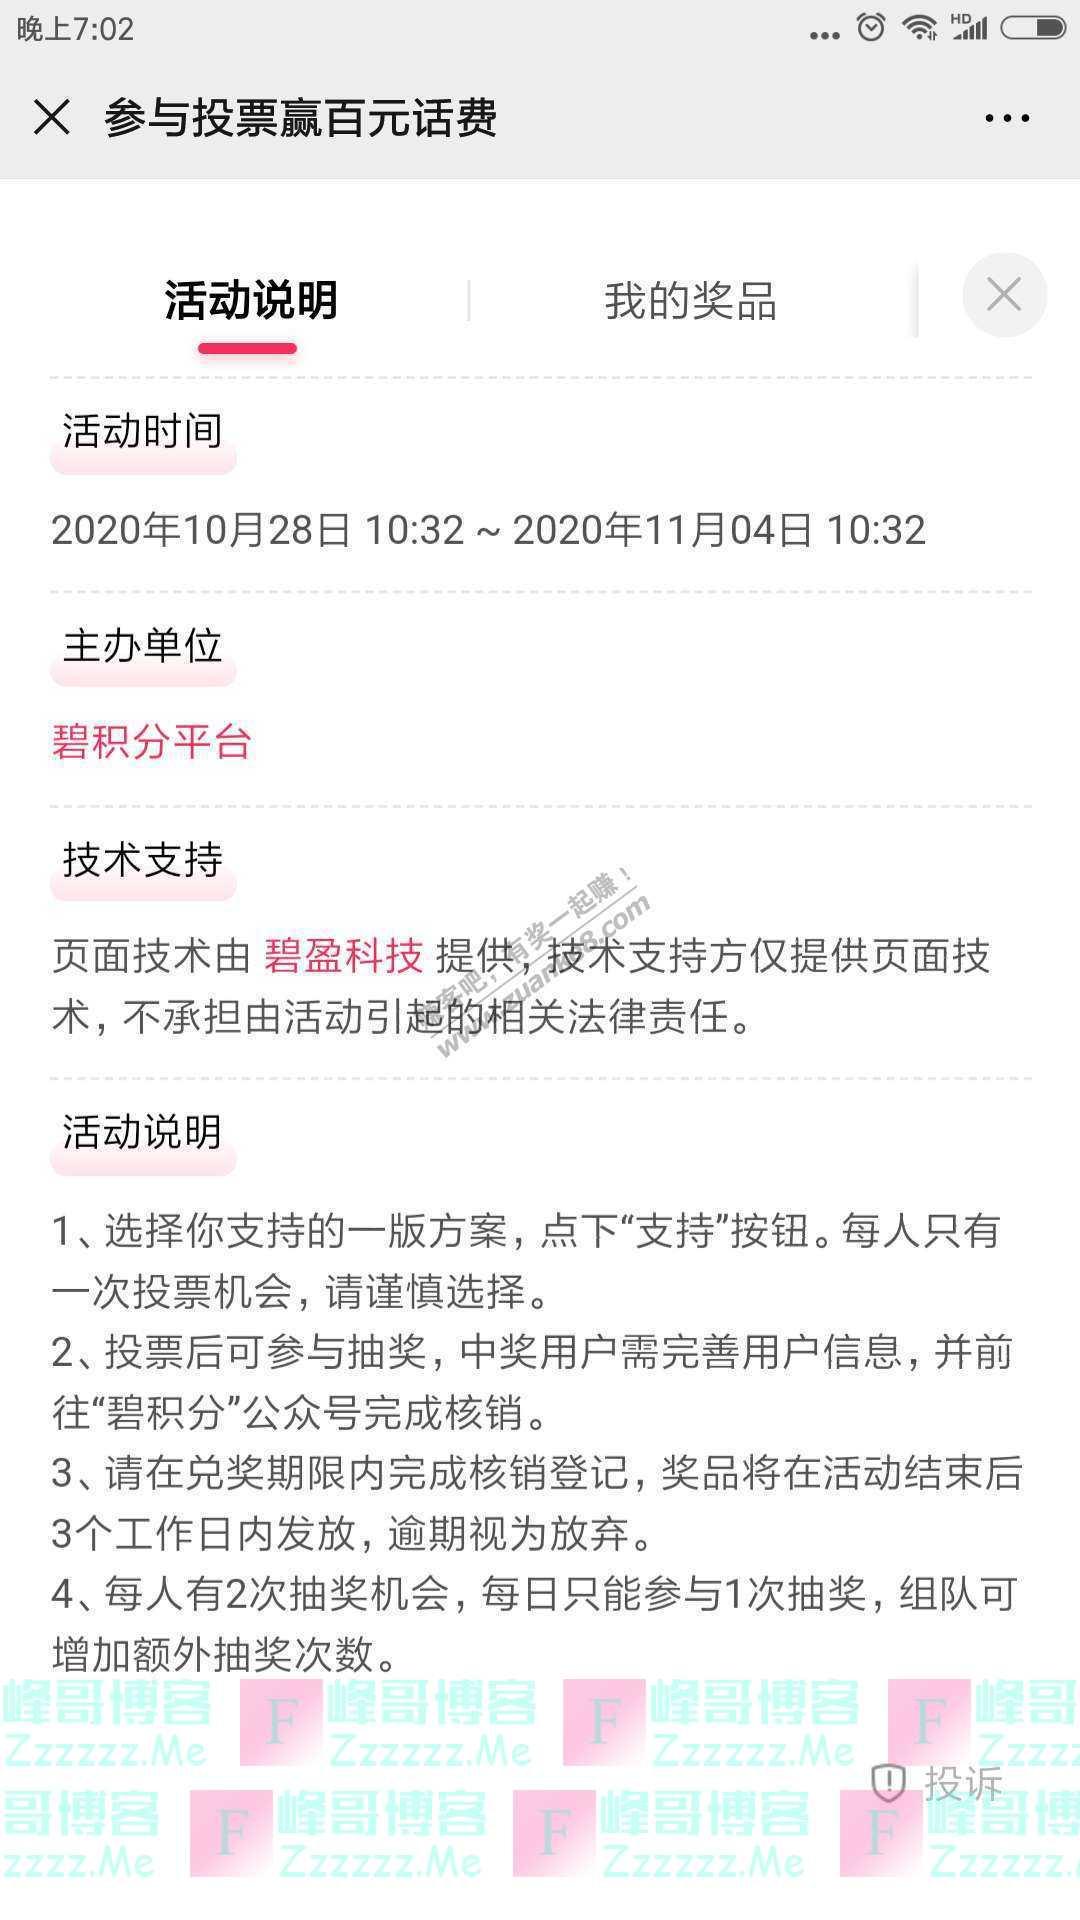 碧桂园凤凰会投票赢百元话费(截止11月4日)